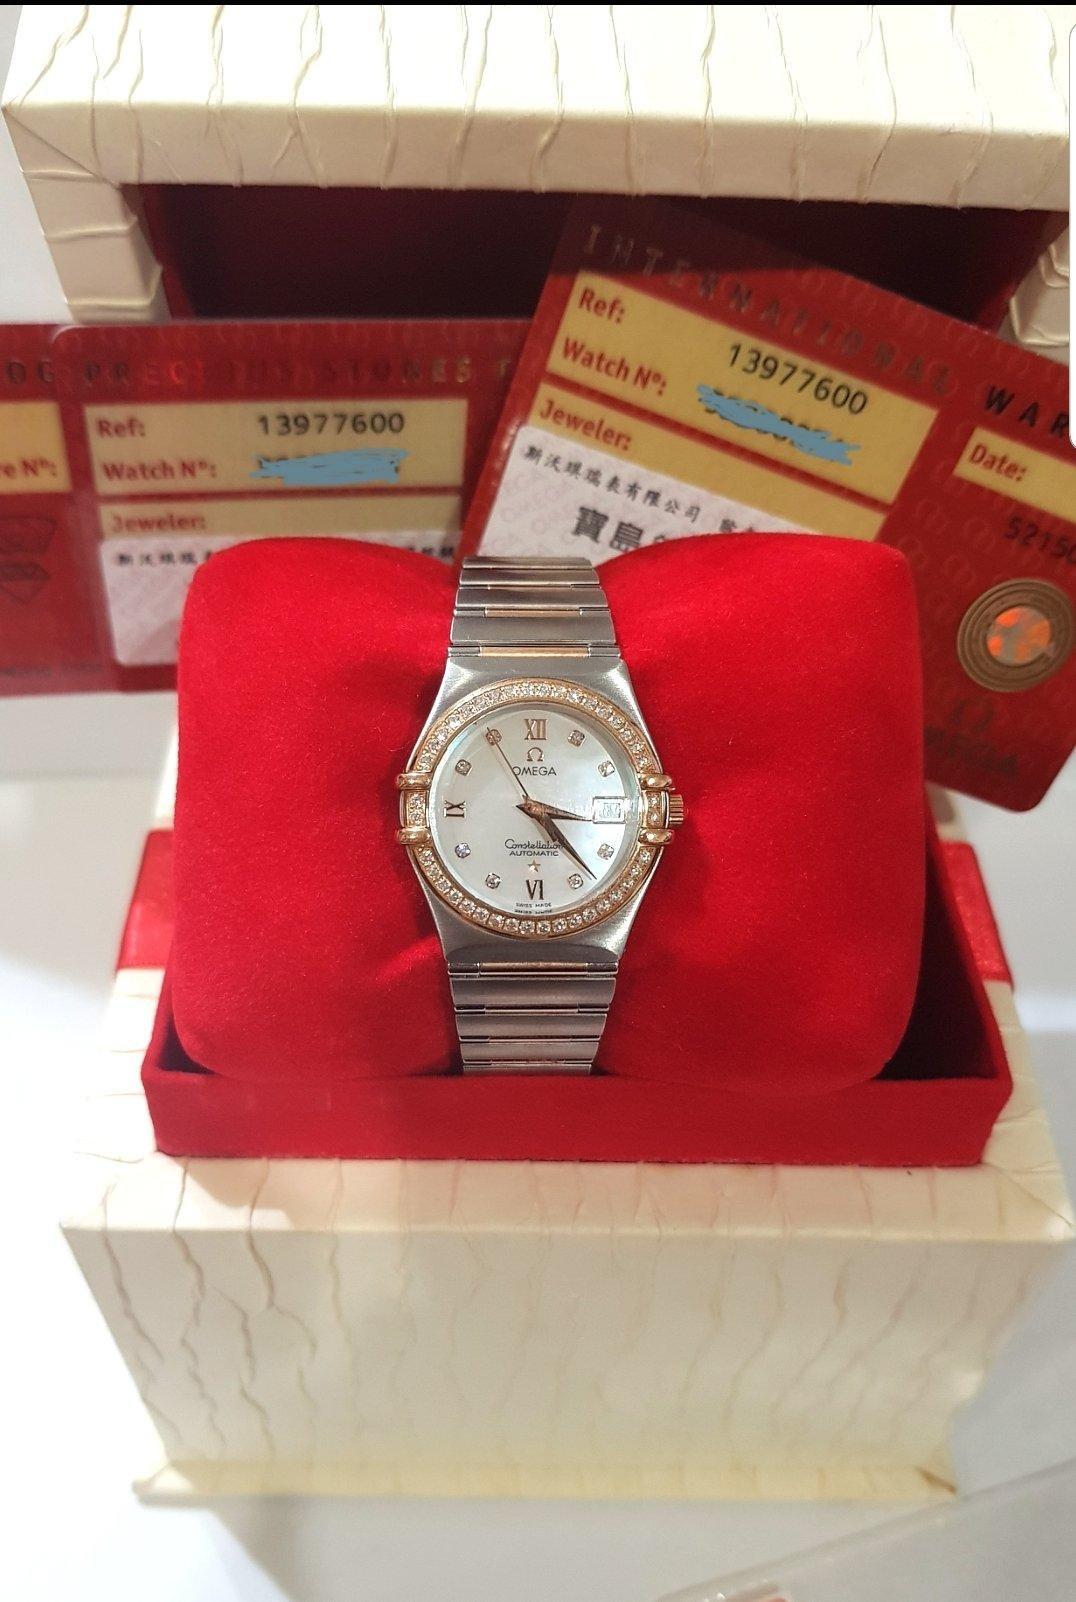 鴻圖當舖 Omega 歐米茄 Constellation 星座 18K玫瑰金原裝鑽圈原裝貝殼鑽面 女庄鑽錶